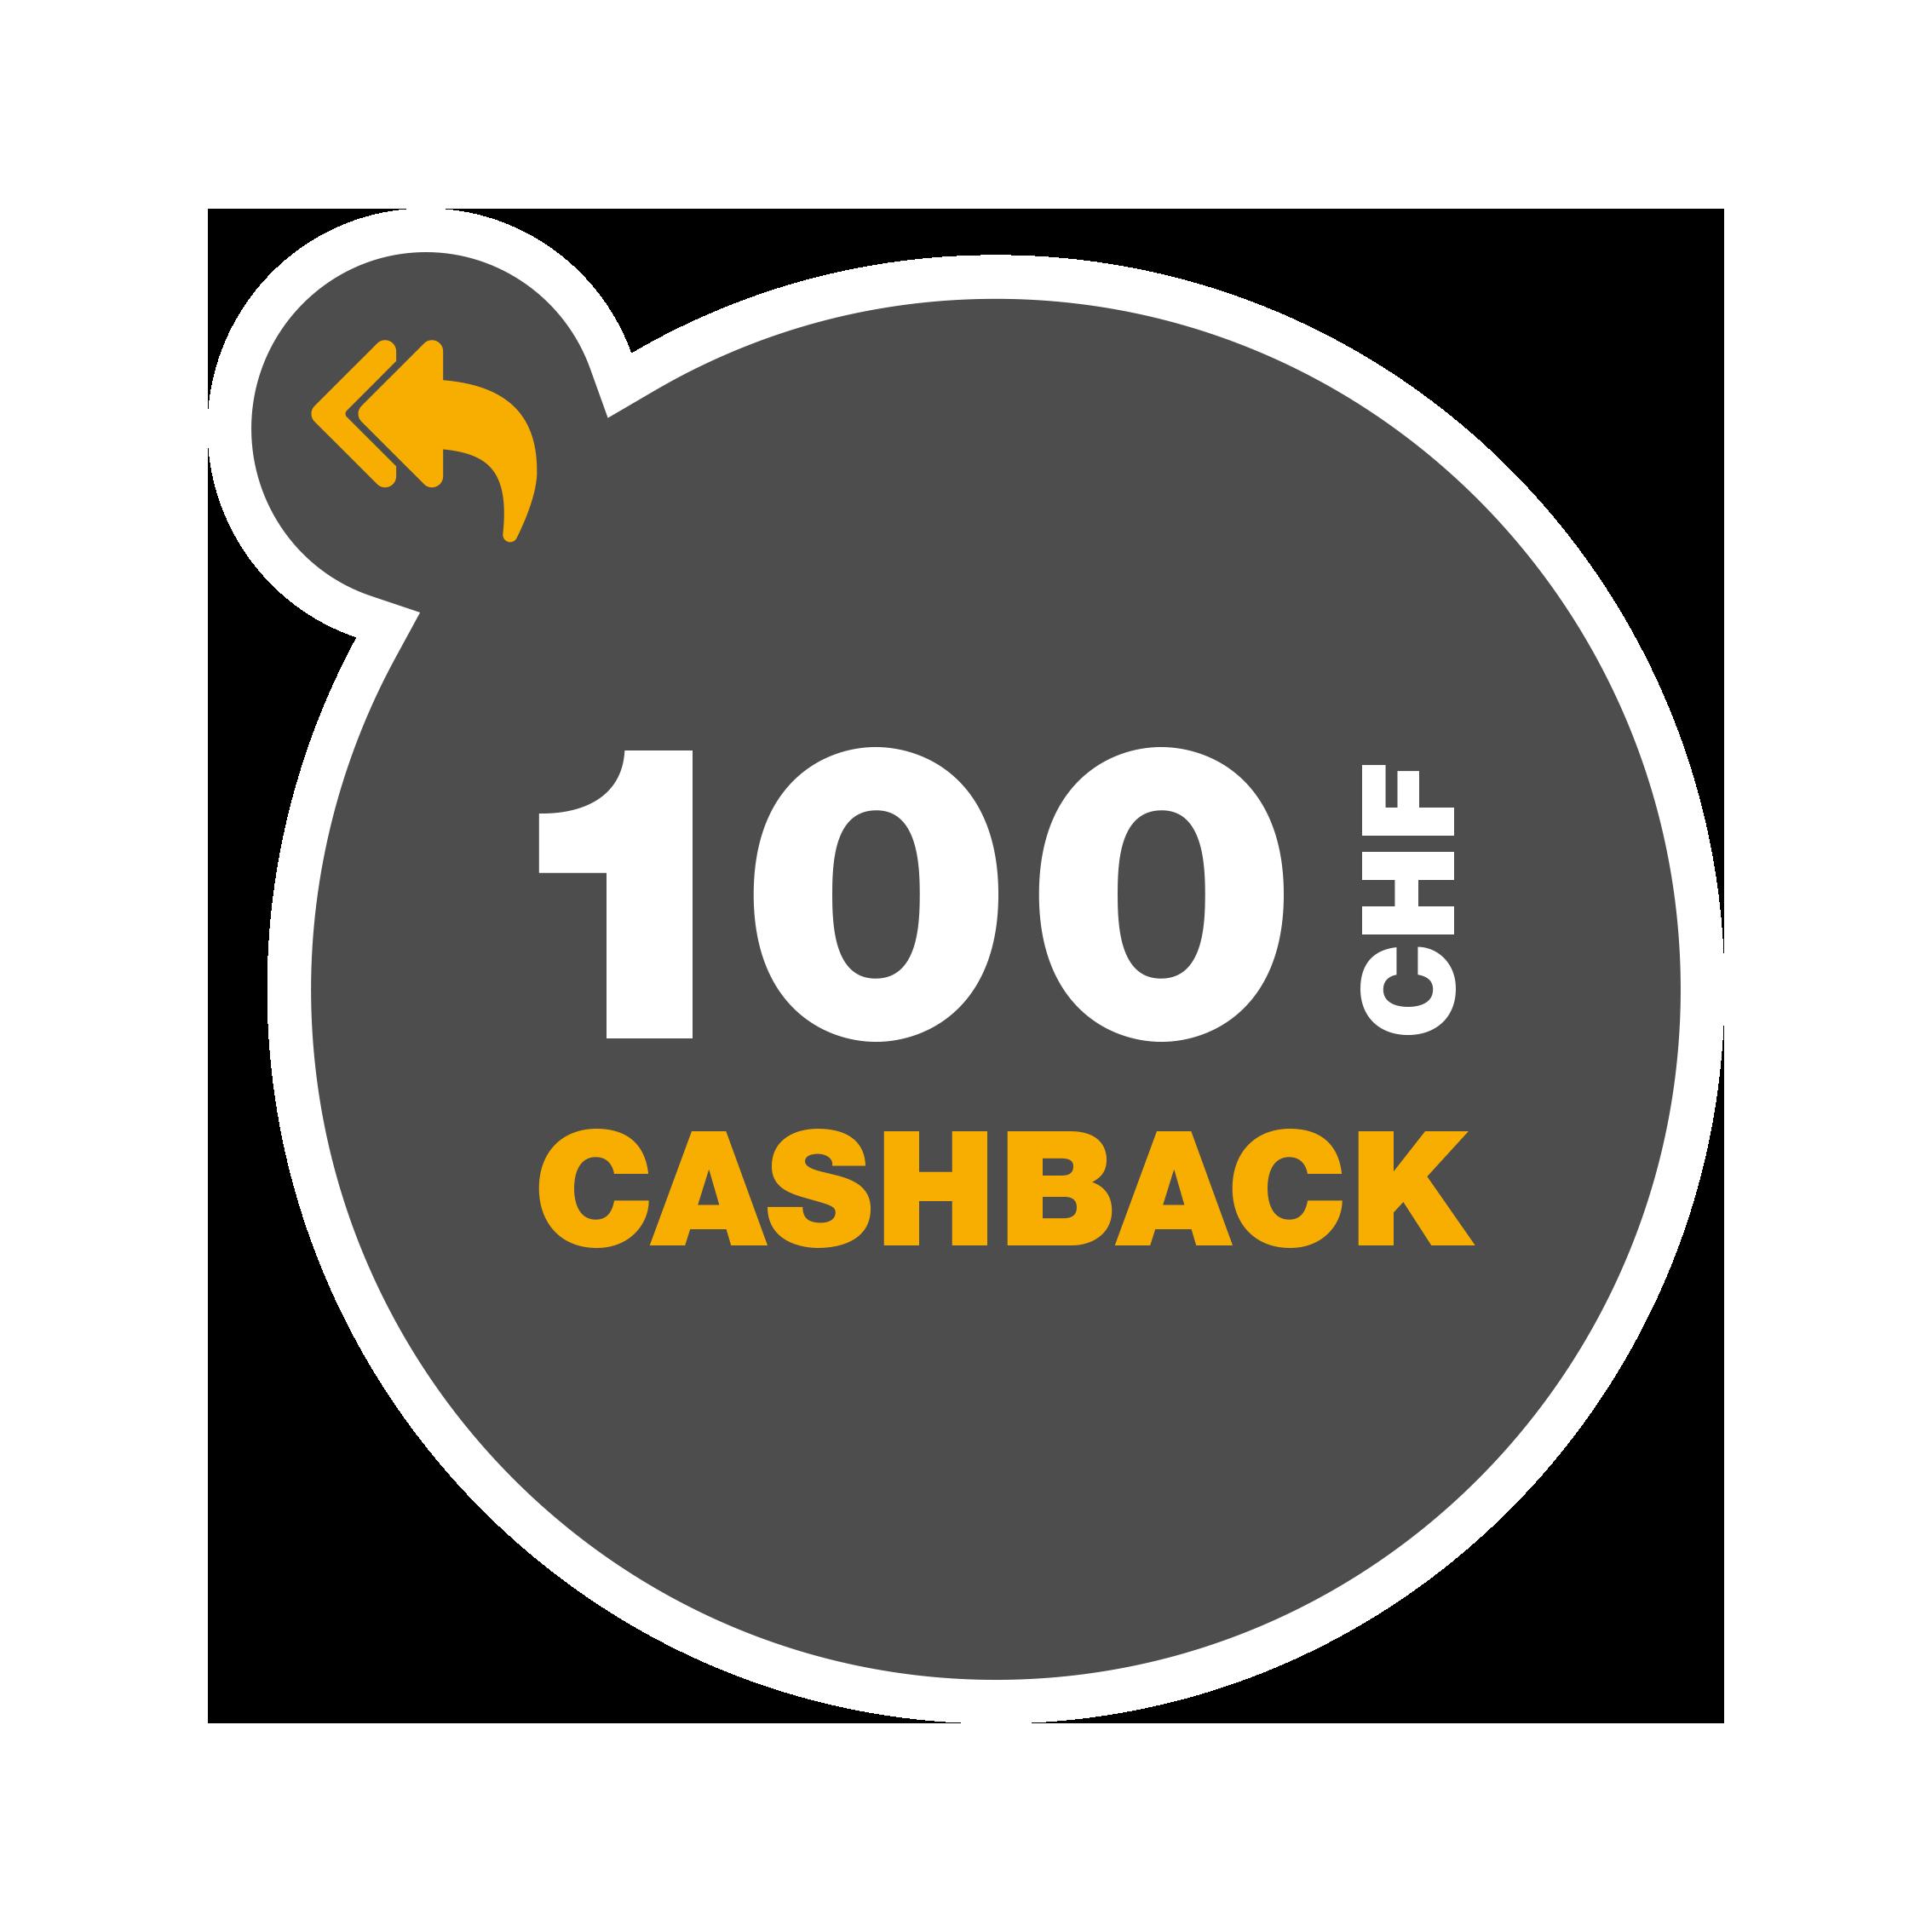 Cashback_CHF100